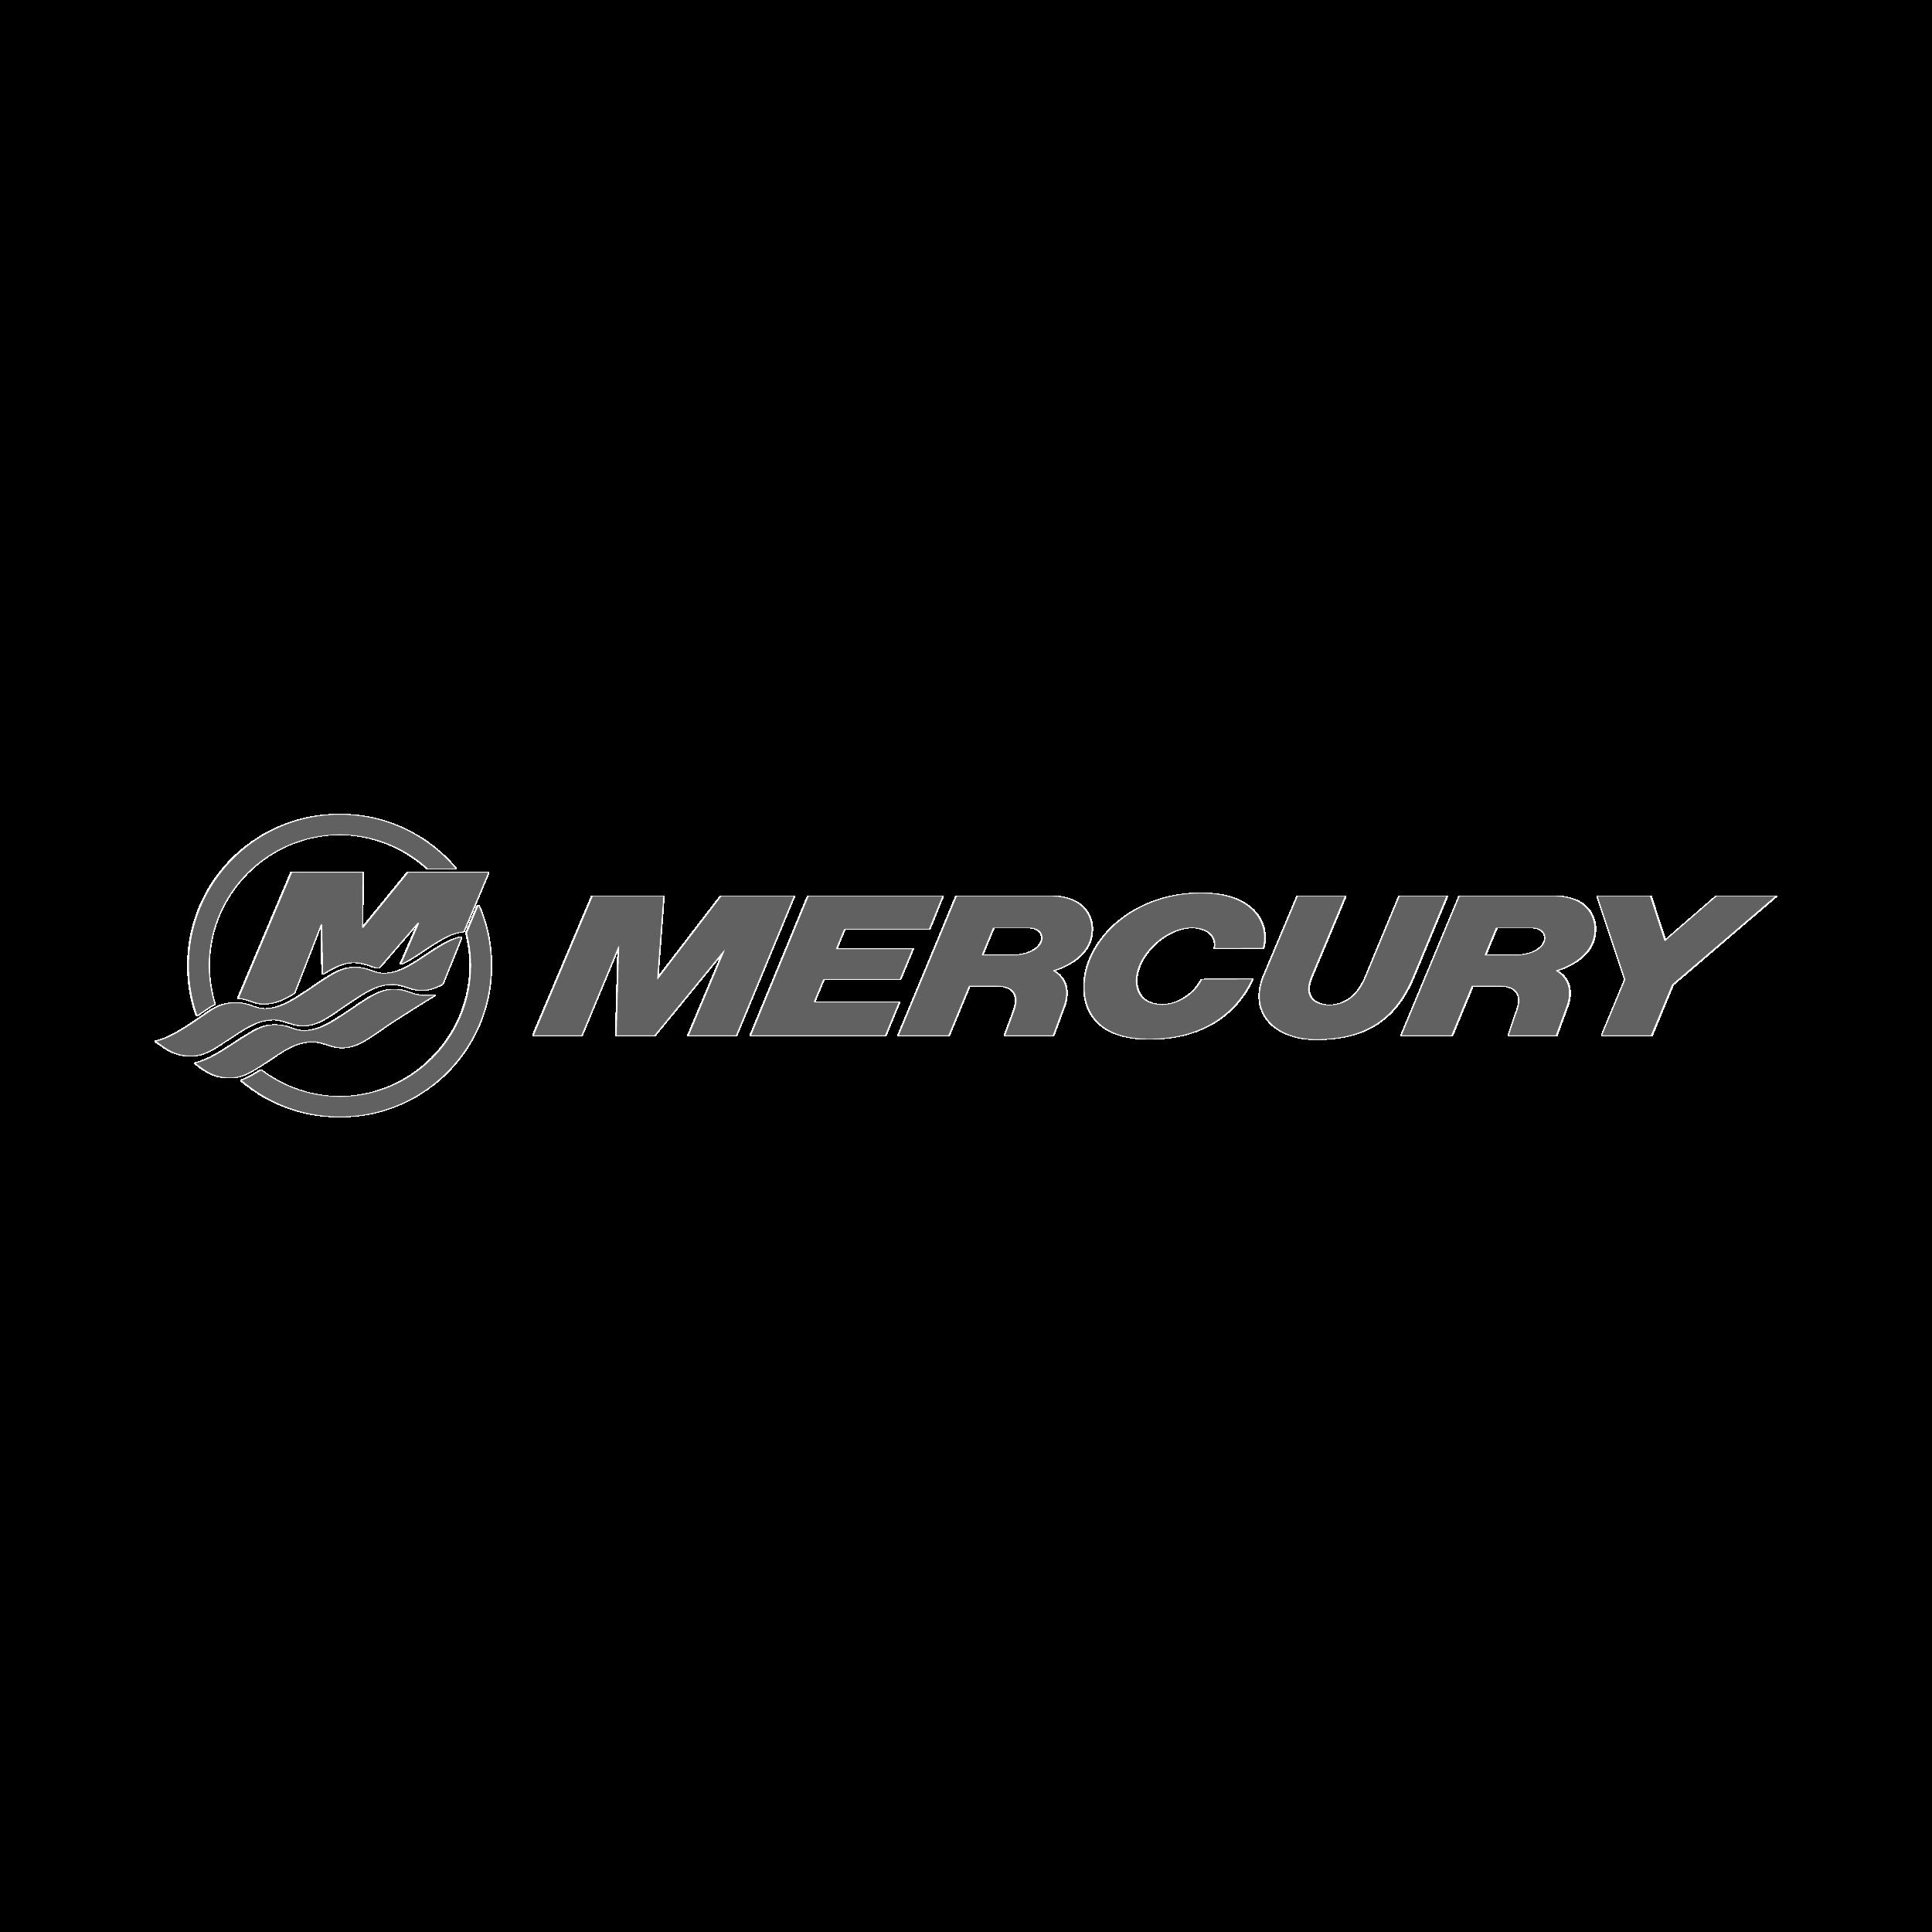 manufacturing_logos-10.png